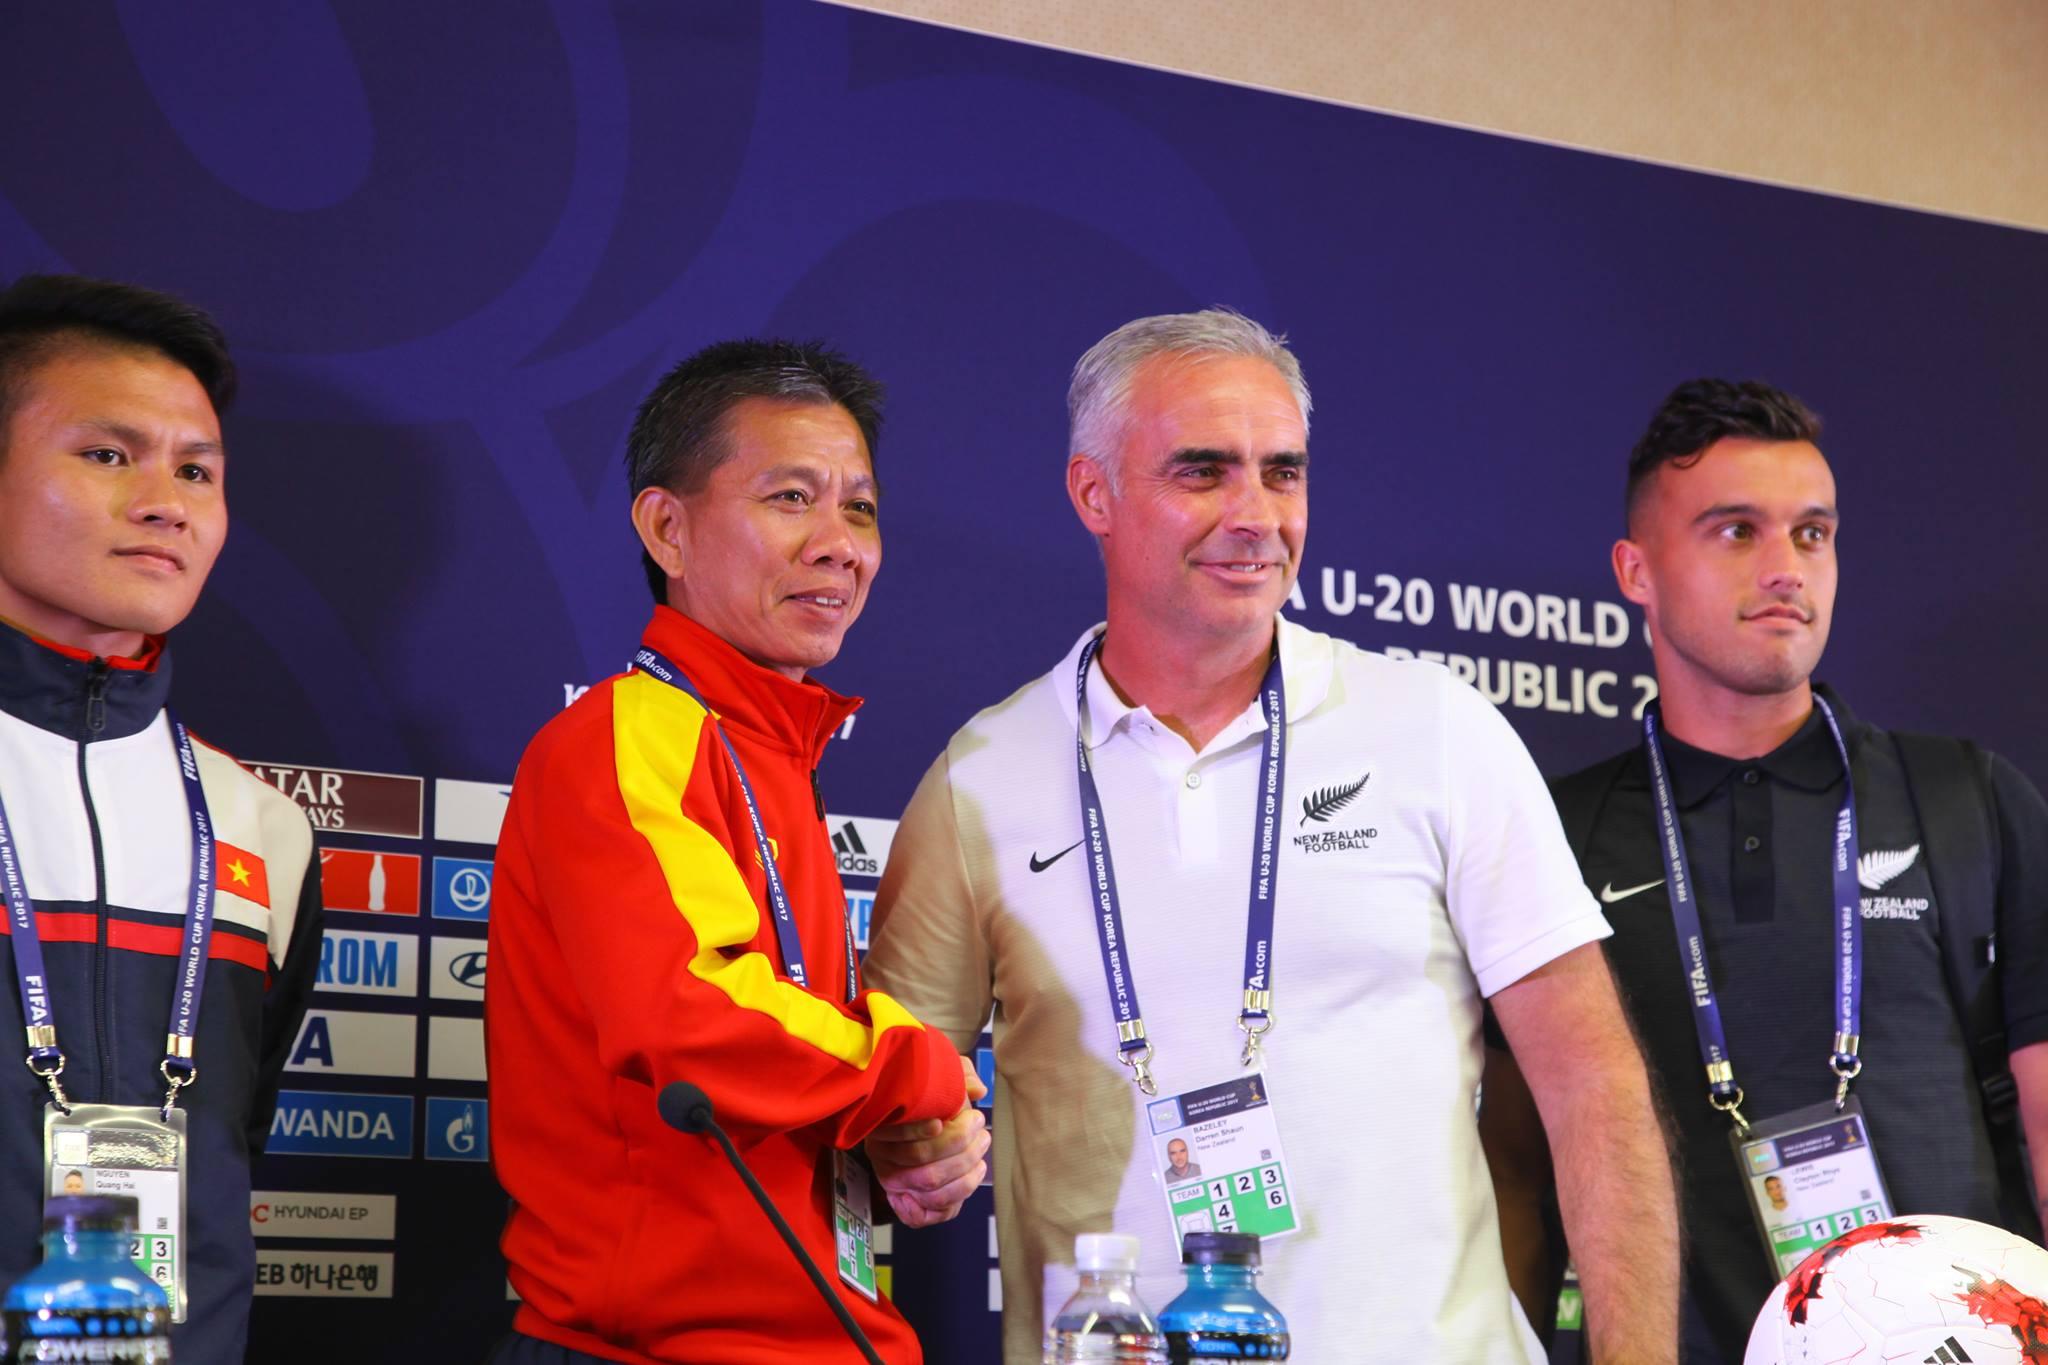 HLV Hoàng Anh Tuấn của U20 Việt Nam và HLV Darren Bazley của U20 New Zealand rất thận trọng khi phát biểu trước báo giới.